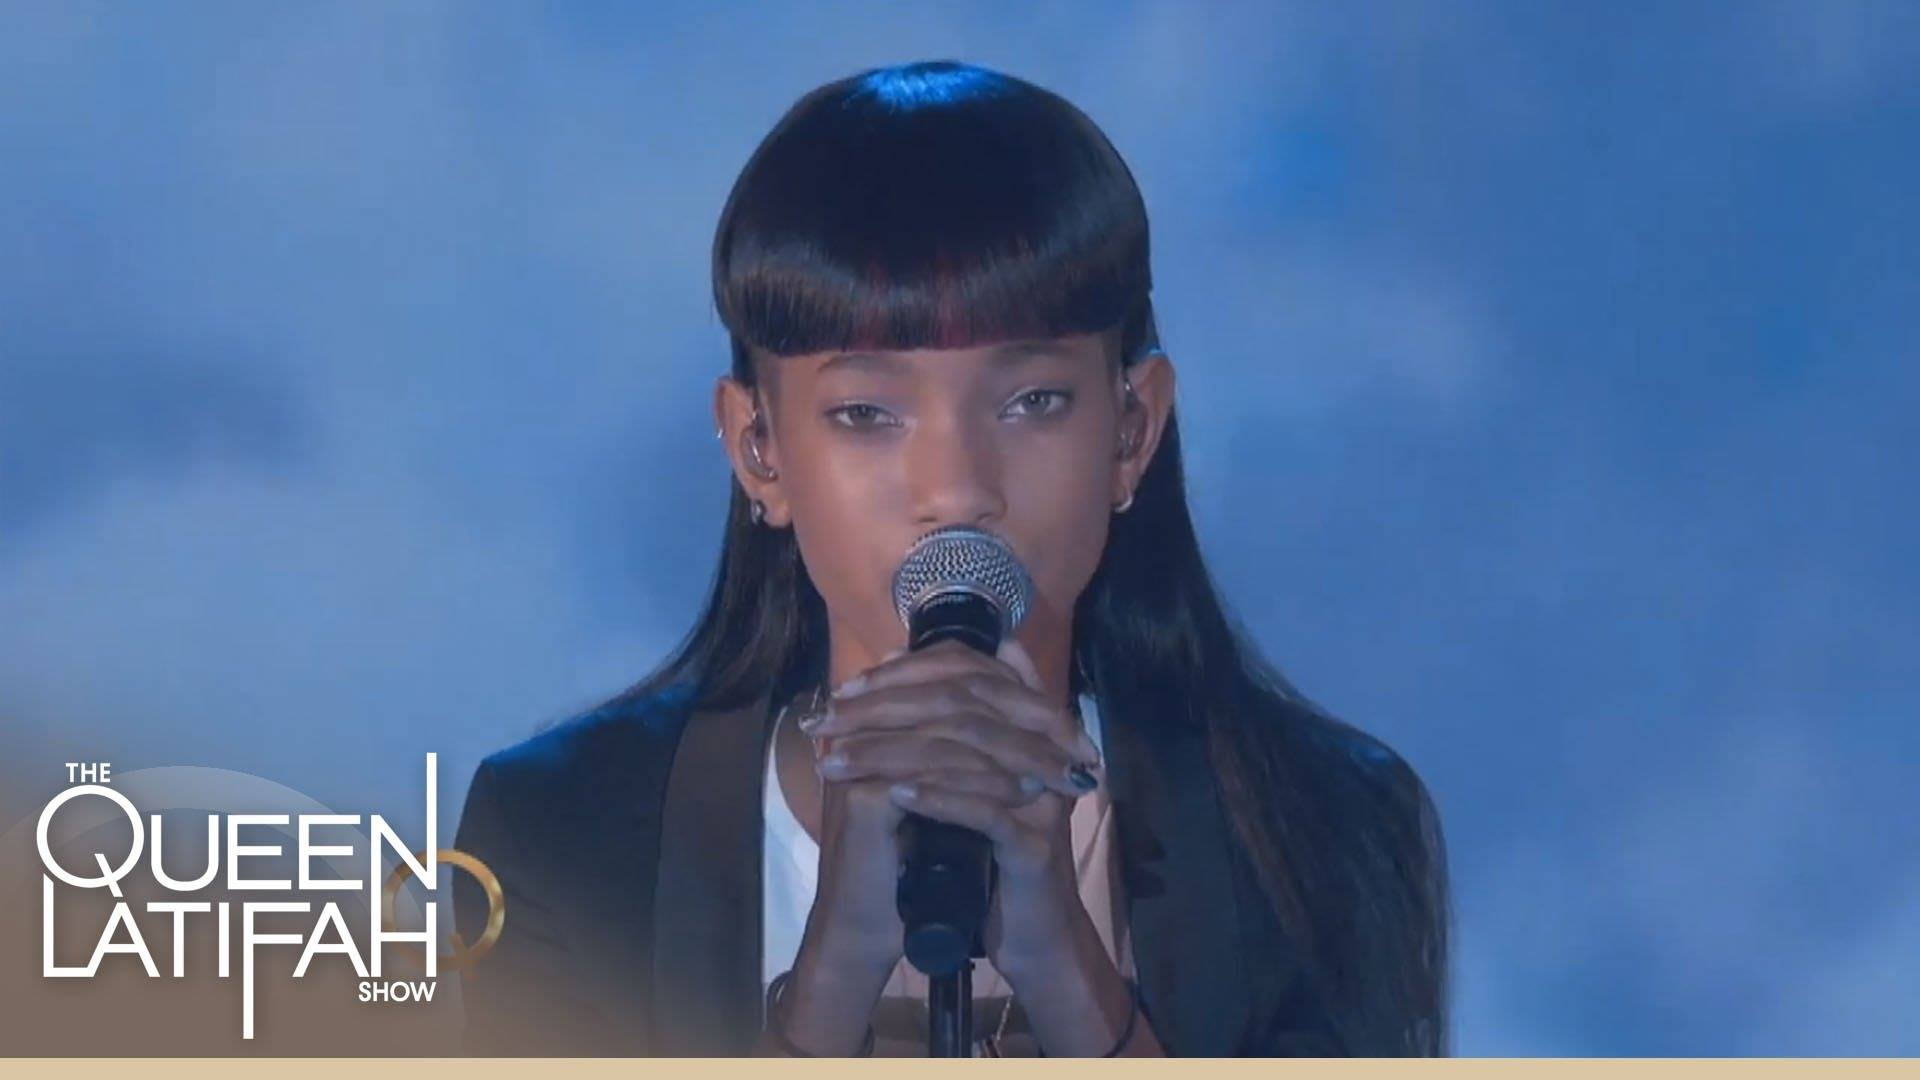 Willow Queen Latifah Songs